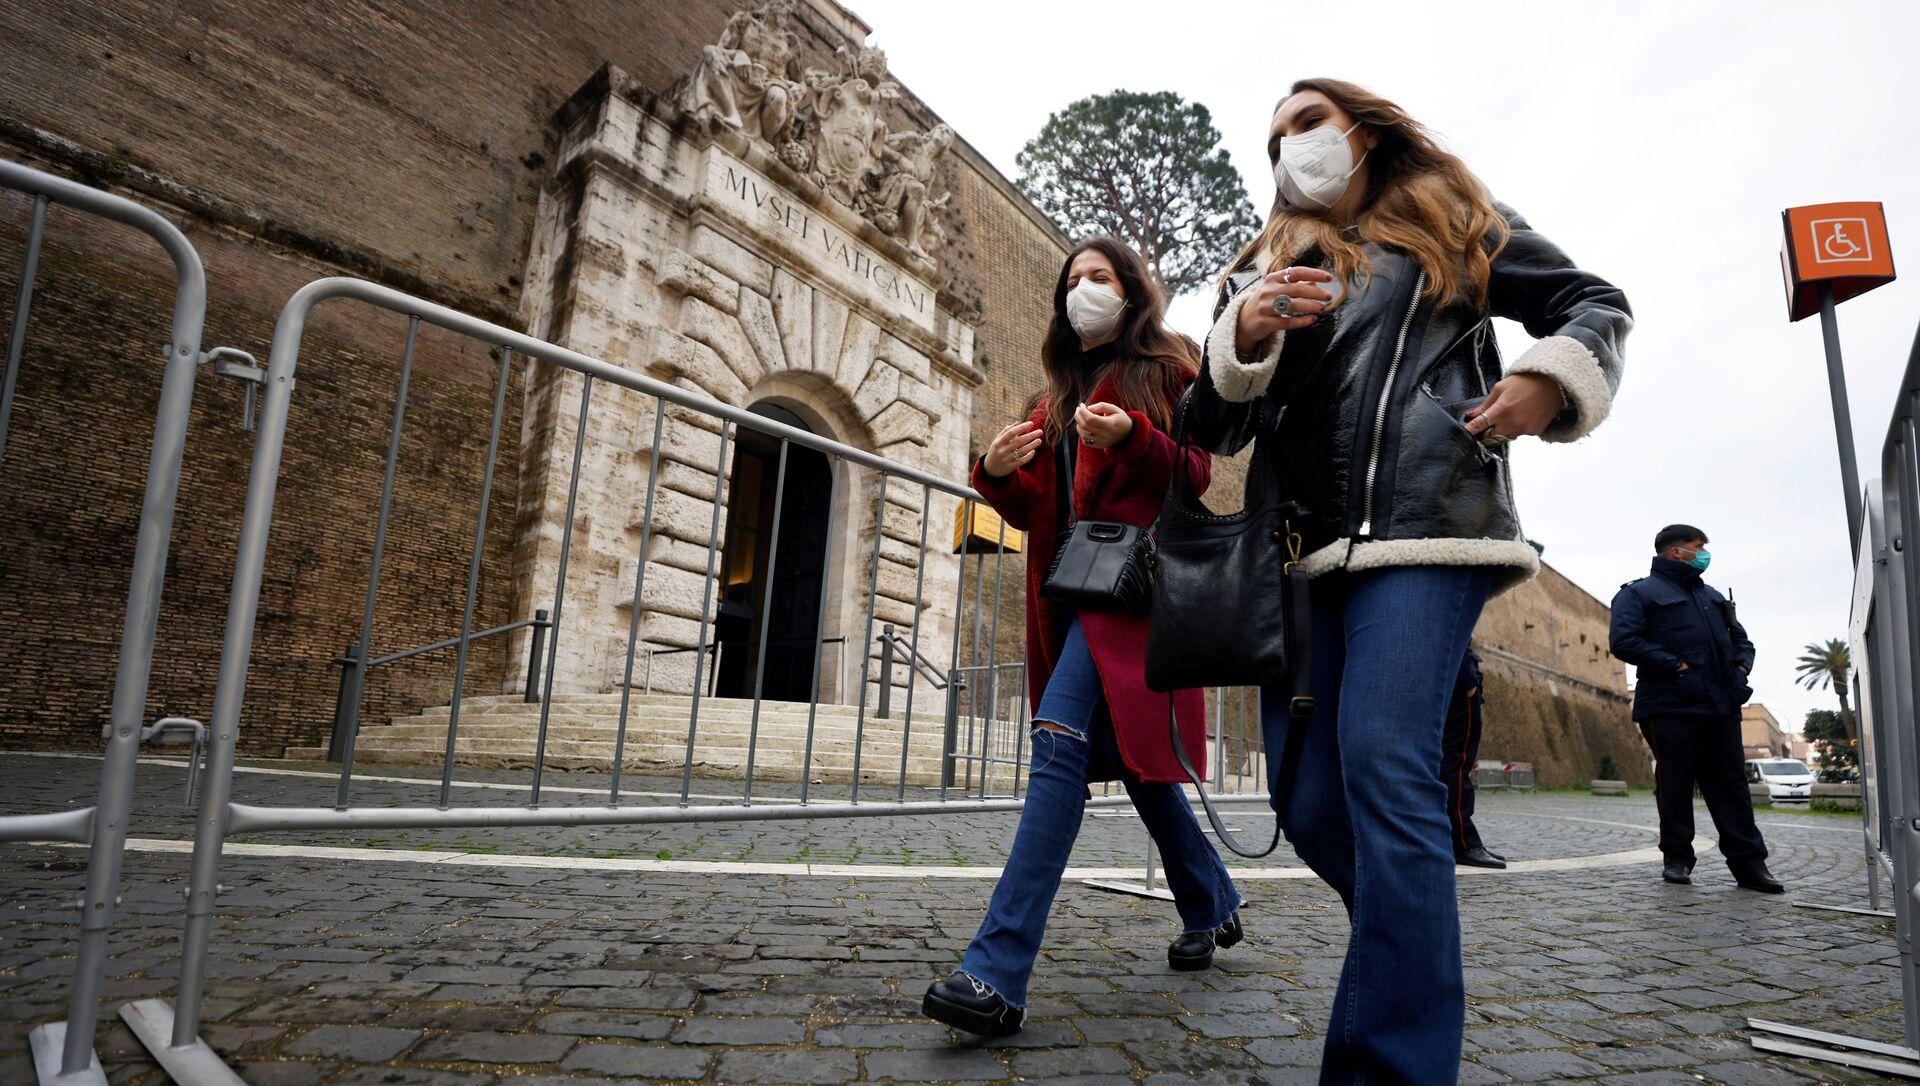 Le donne nelle mascherine protettive fanno fila per entrare nei musei vaticani, Roma - Sputnik Italia, 1920, 07.03.2021